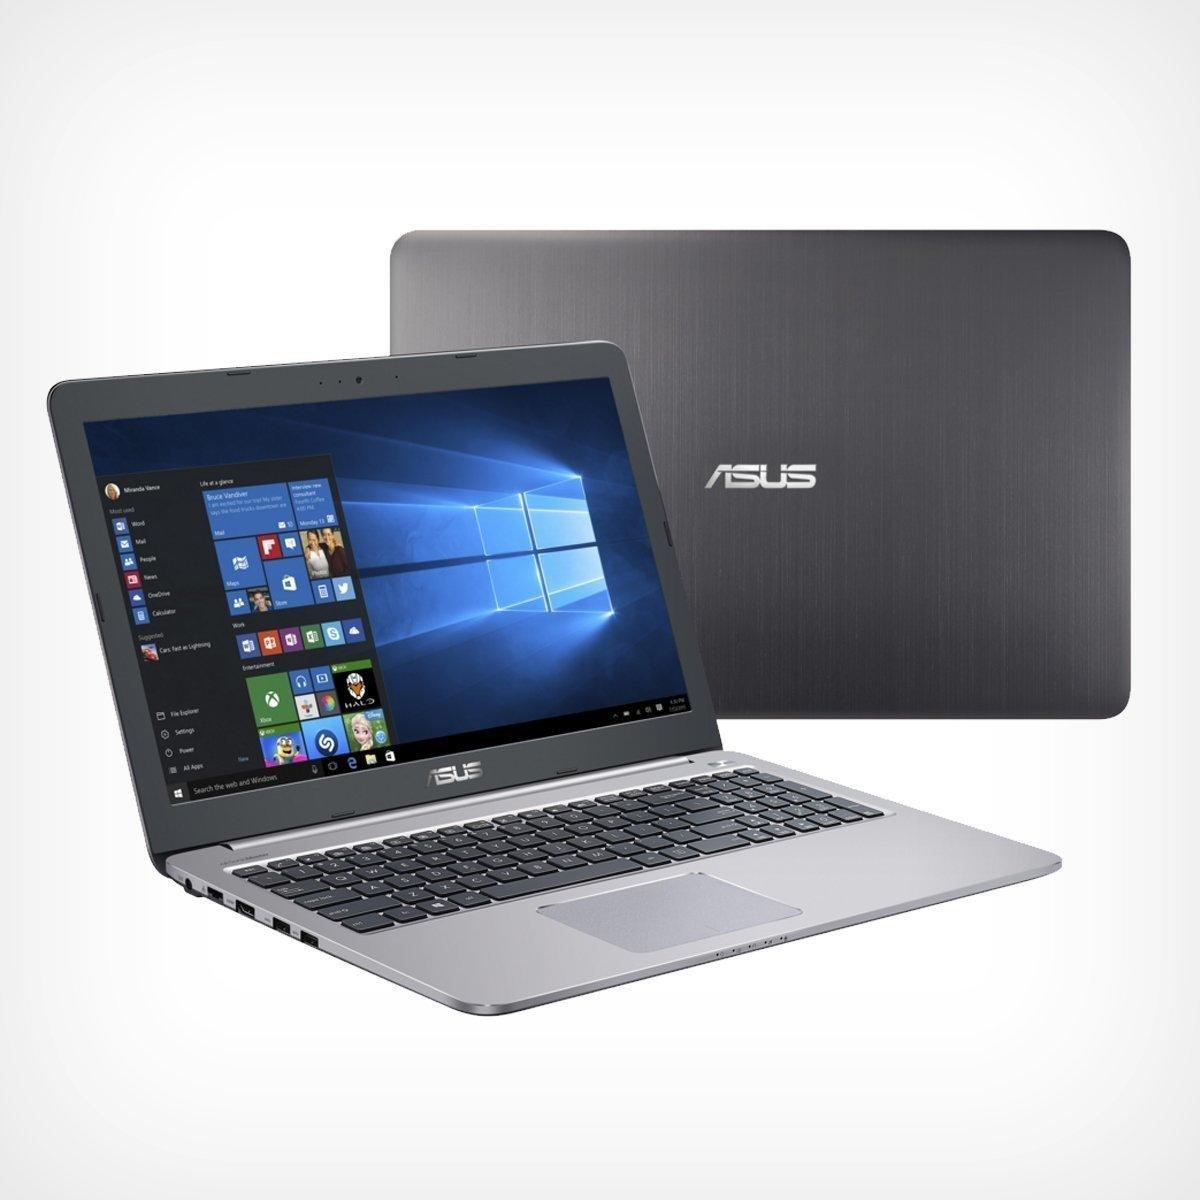 Amazon.com: ASUS K501UW-AB78 15.6-inch Full-HD Gaming Laptop (Intel